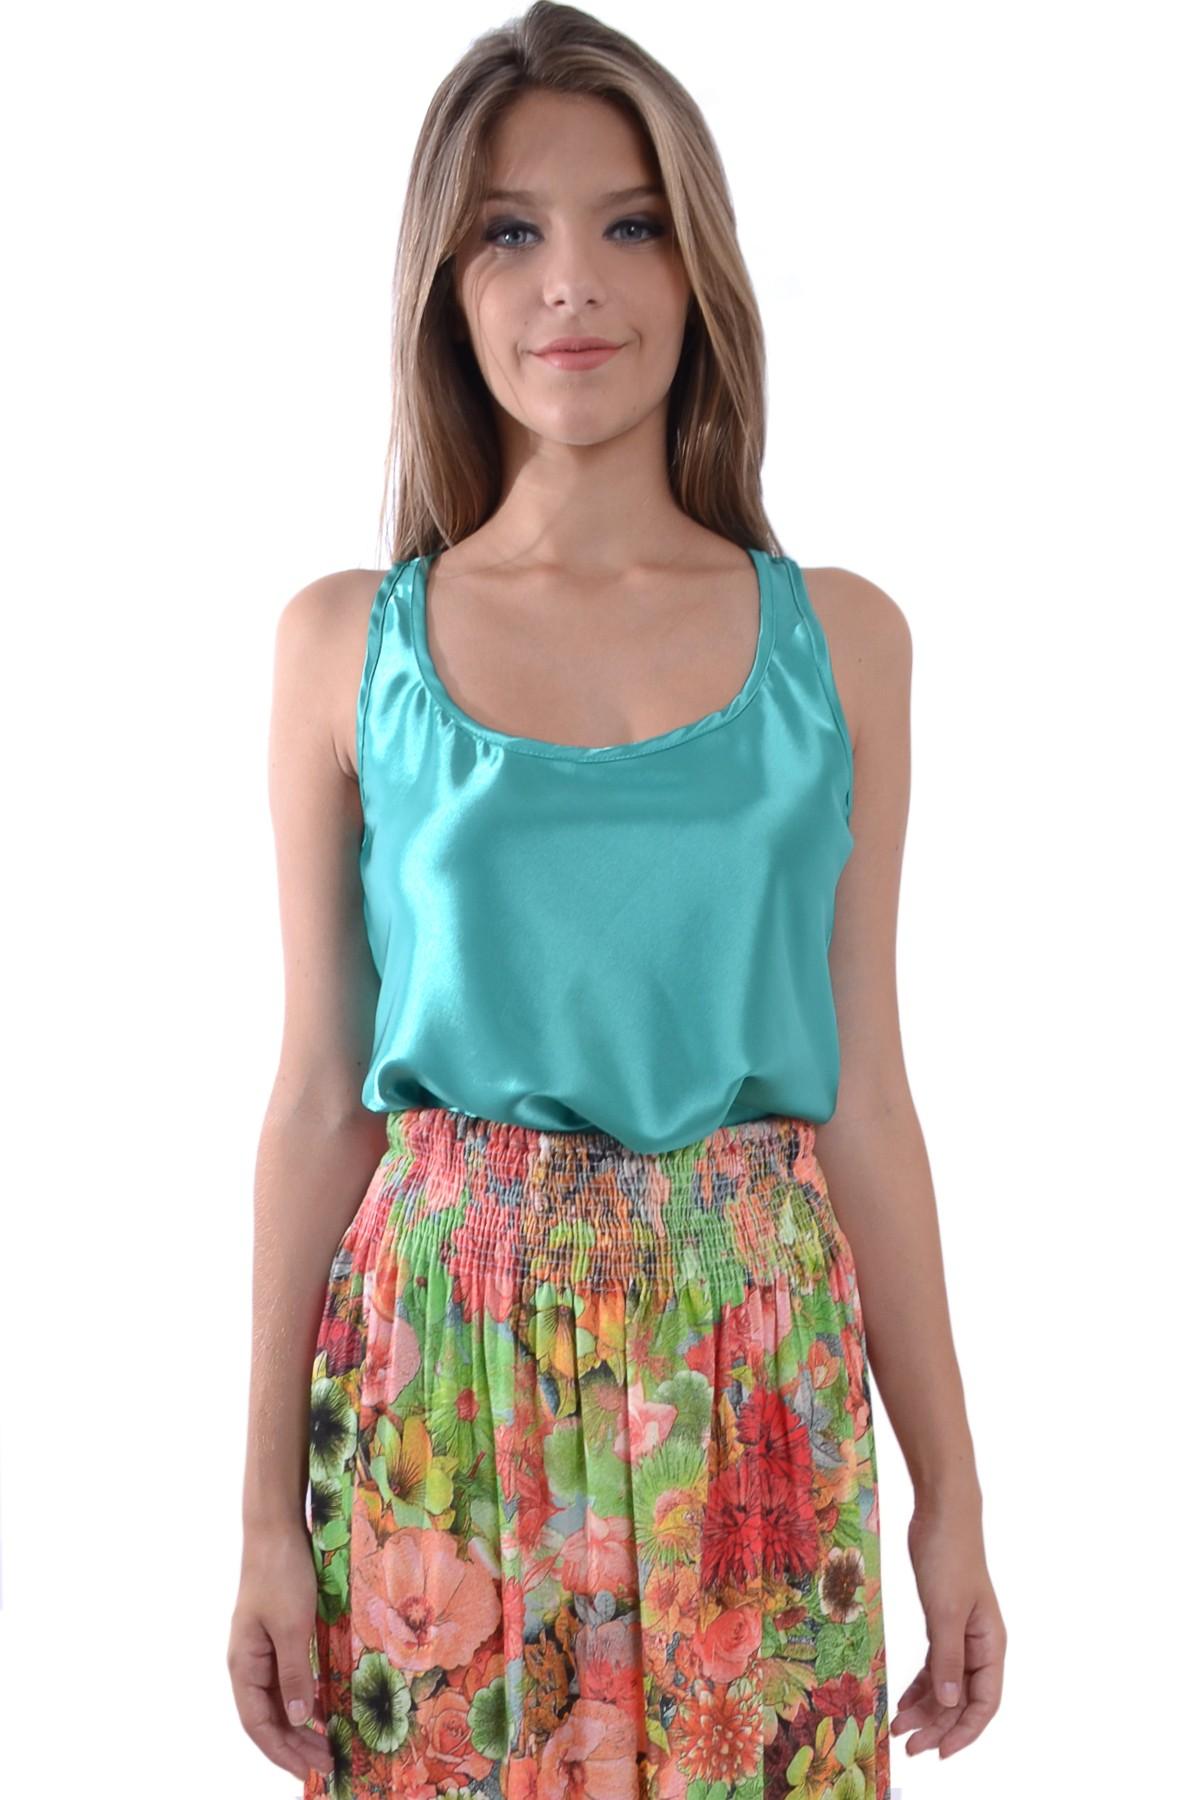 dd9a469cb Modelos de Blusas de Cetim – Inspire-se nas Fotos e Crie seu Próprio Look